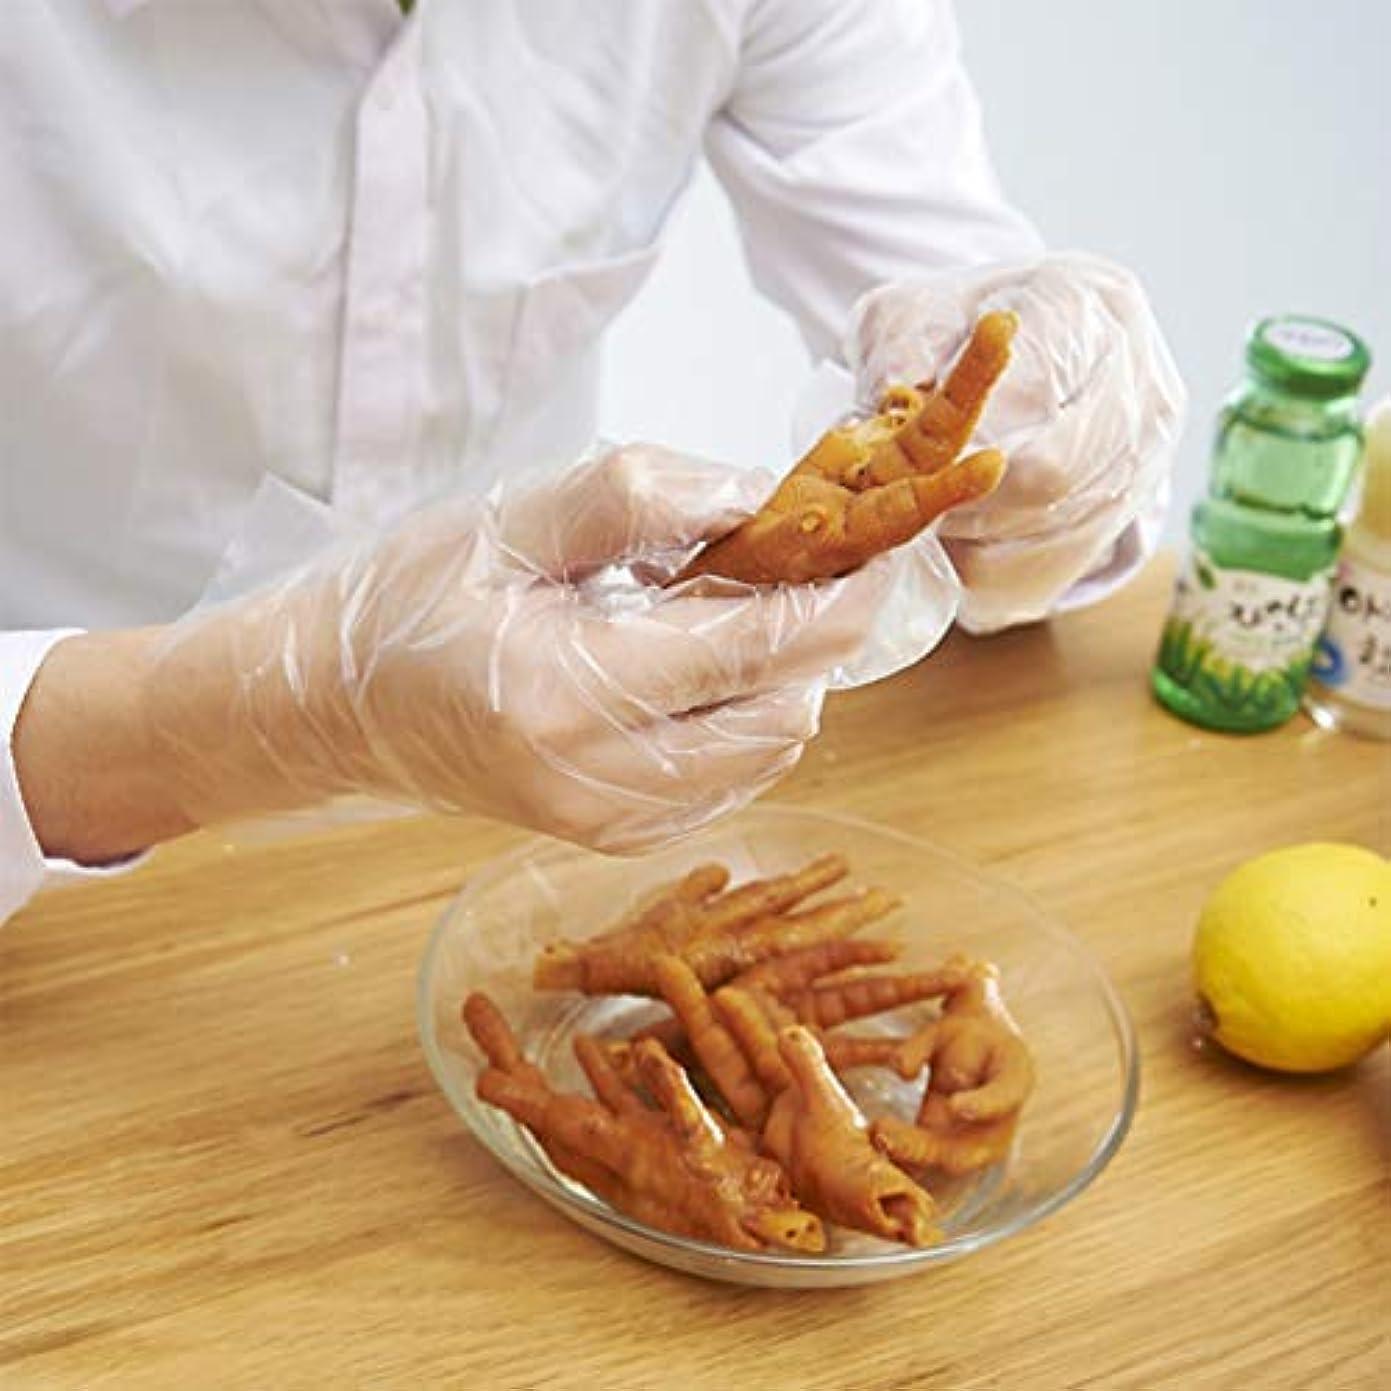 困った促進するスクラッチOUNONA ポリエチレン 使い捨て手袋 100ピース 使いきり手袋 ビニール素材 透明 食品衛生法適合